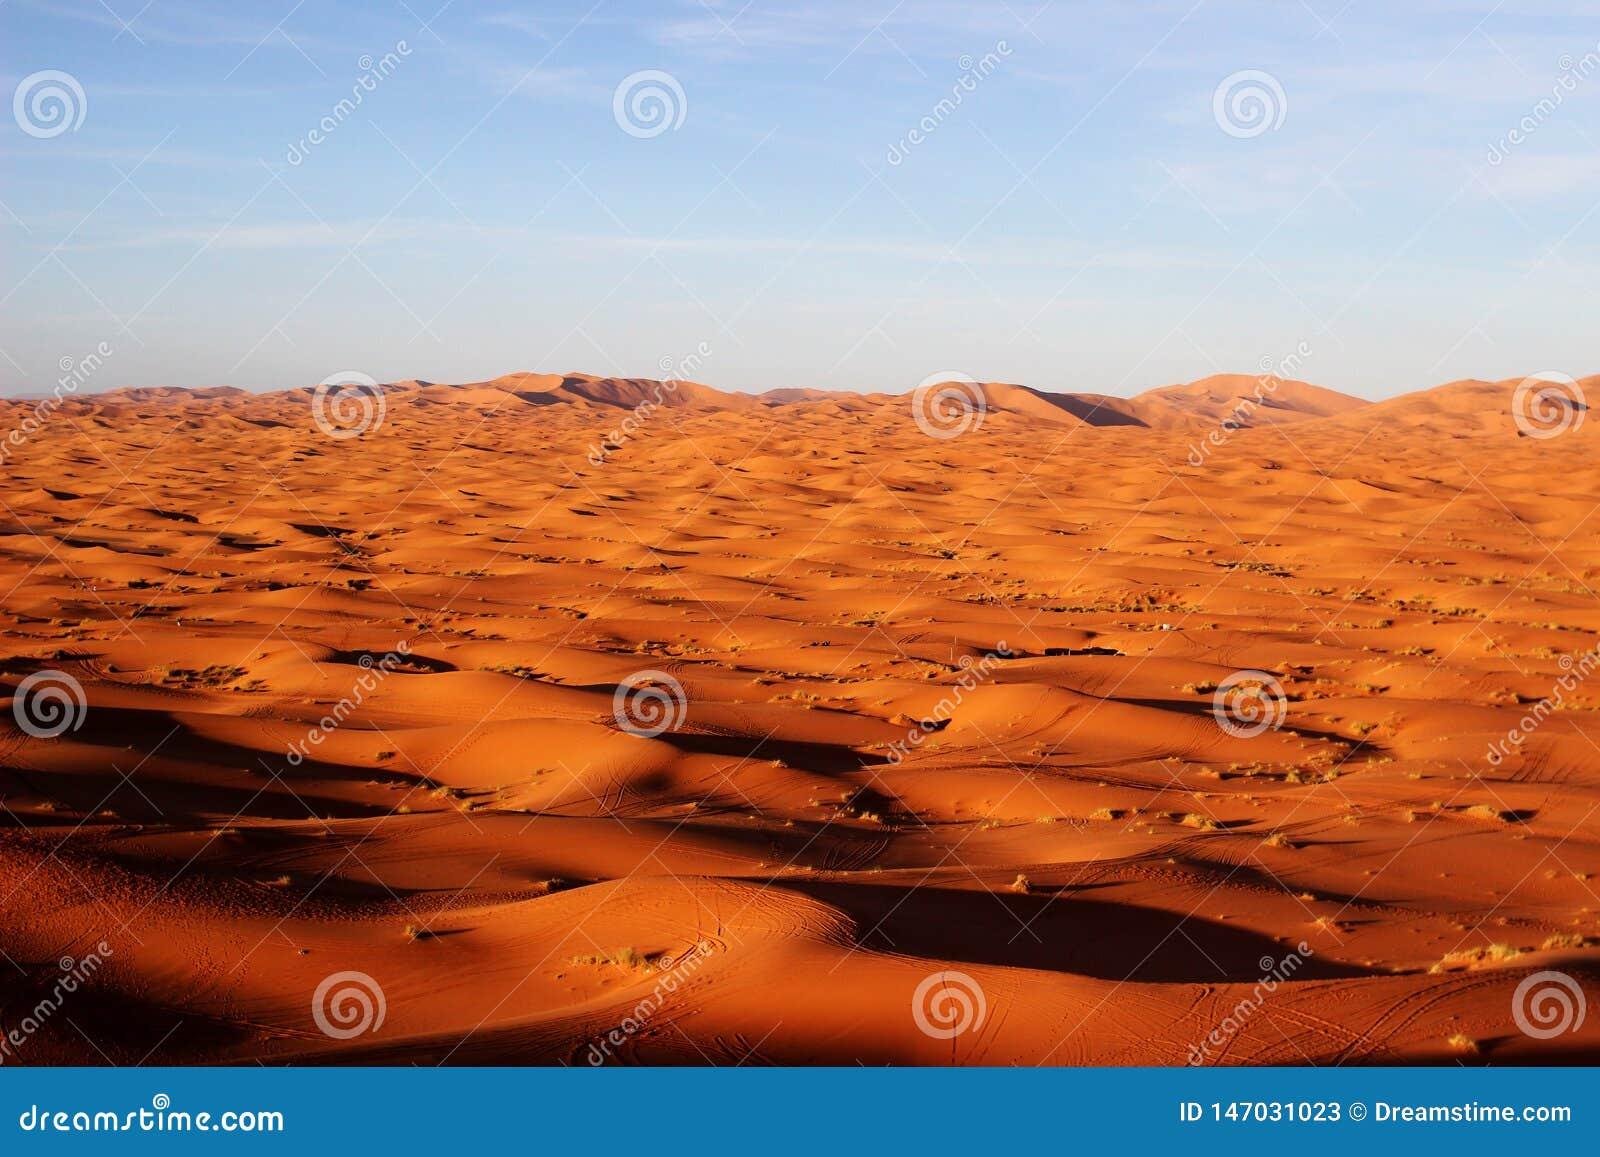 Ett stycke av den sahara öknen